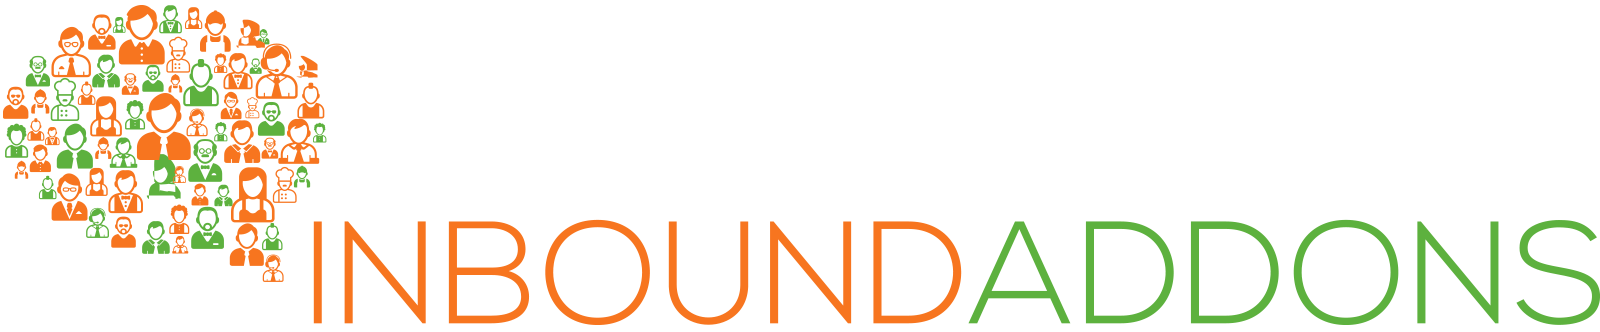 Inbound Addons logo